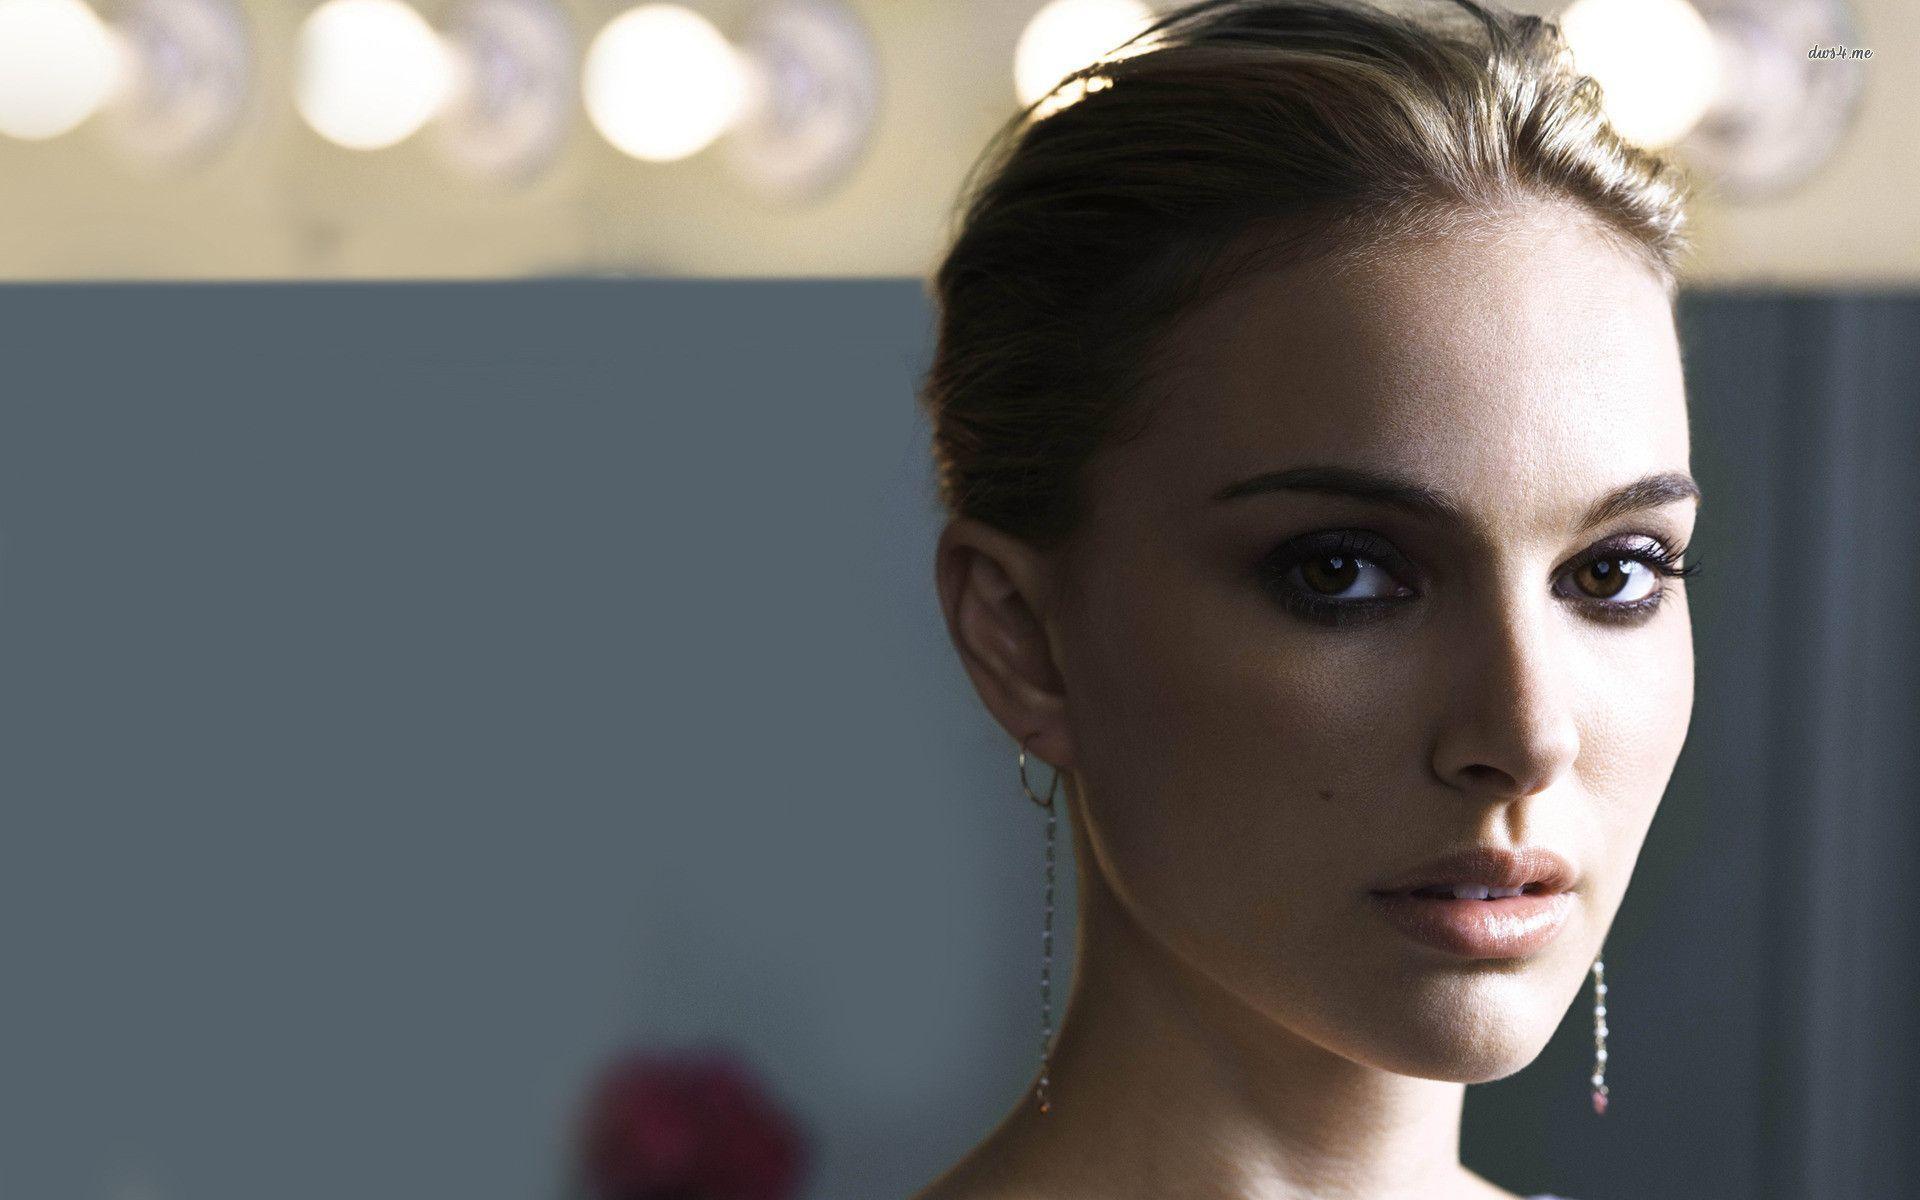 Natalie Portman wallpaper - Celebrity wallpapers - #